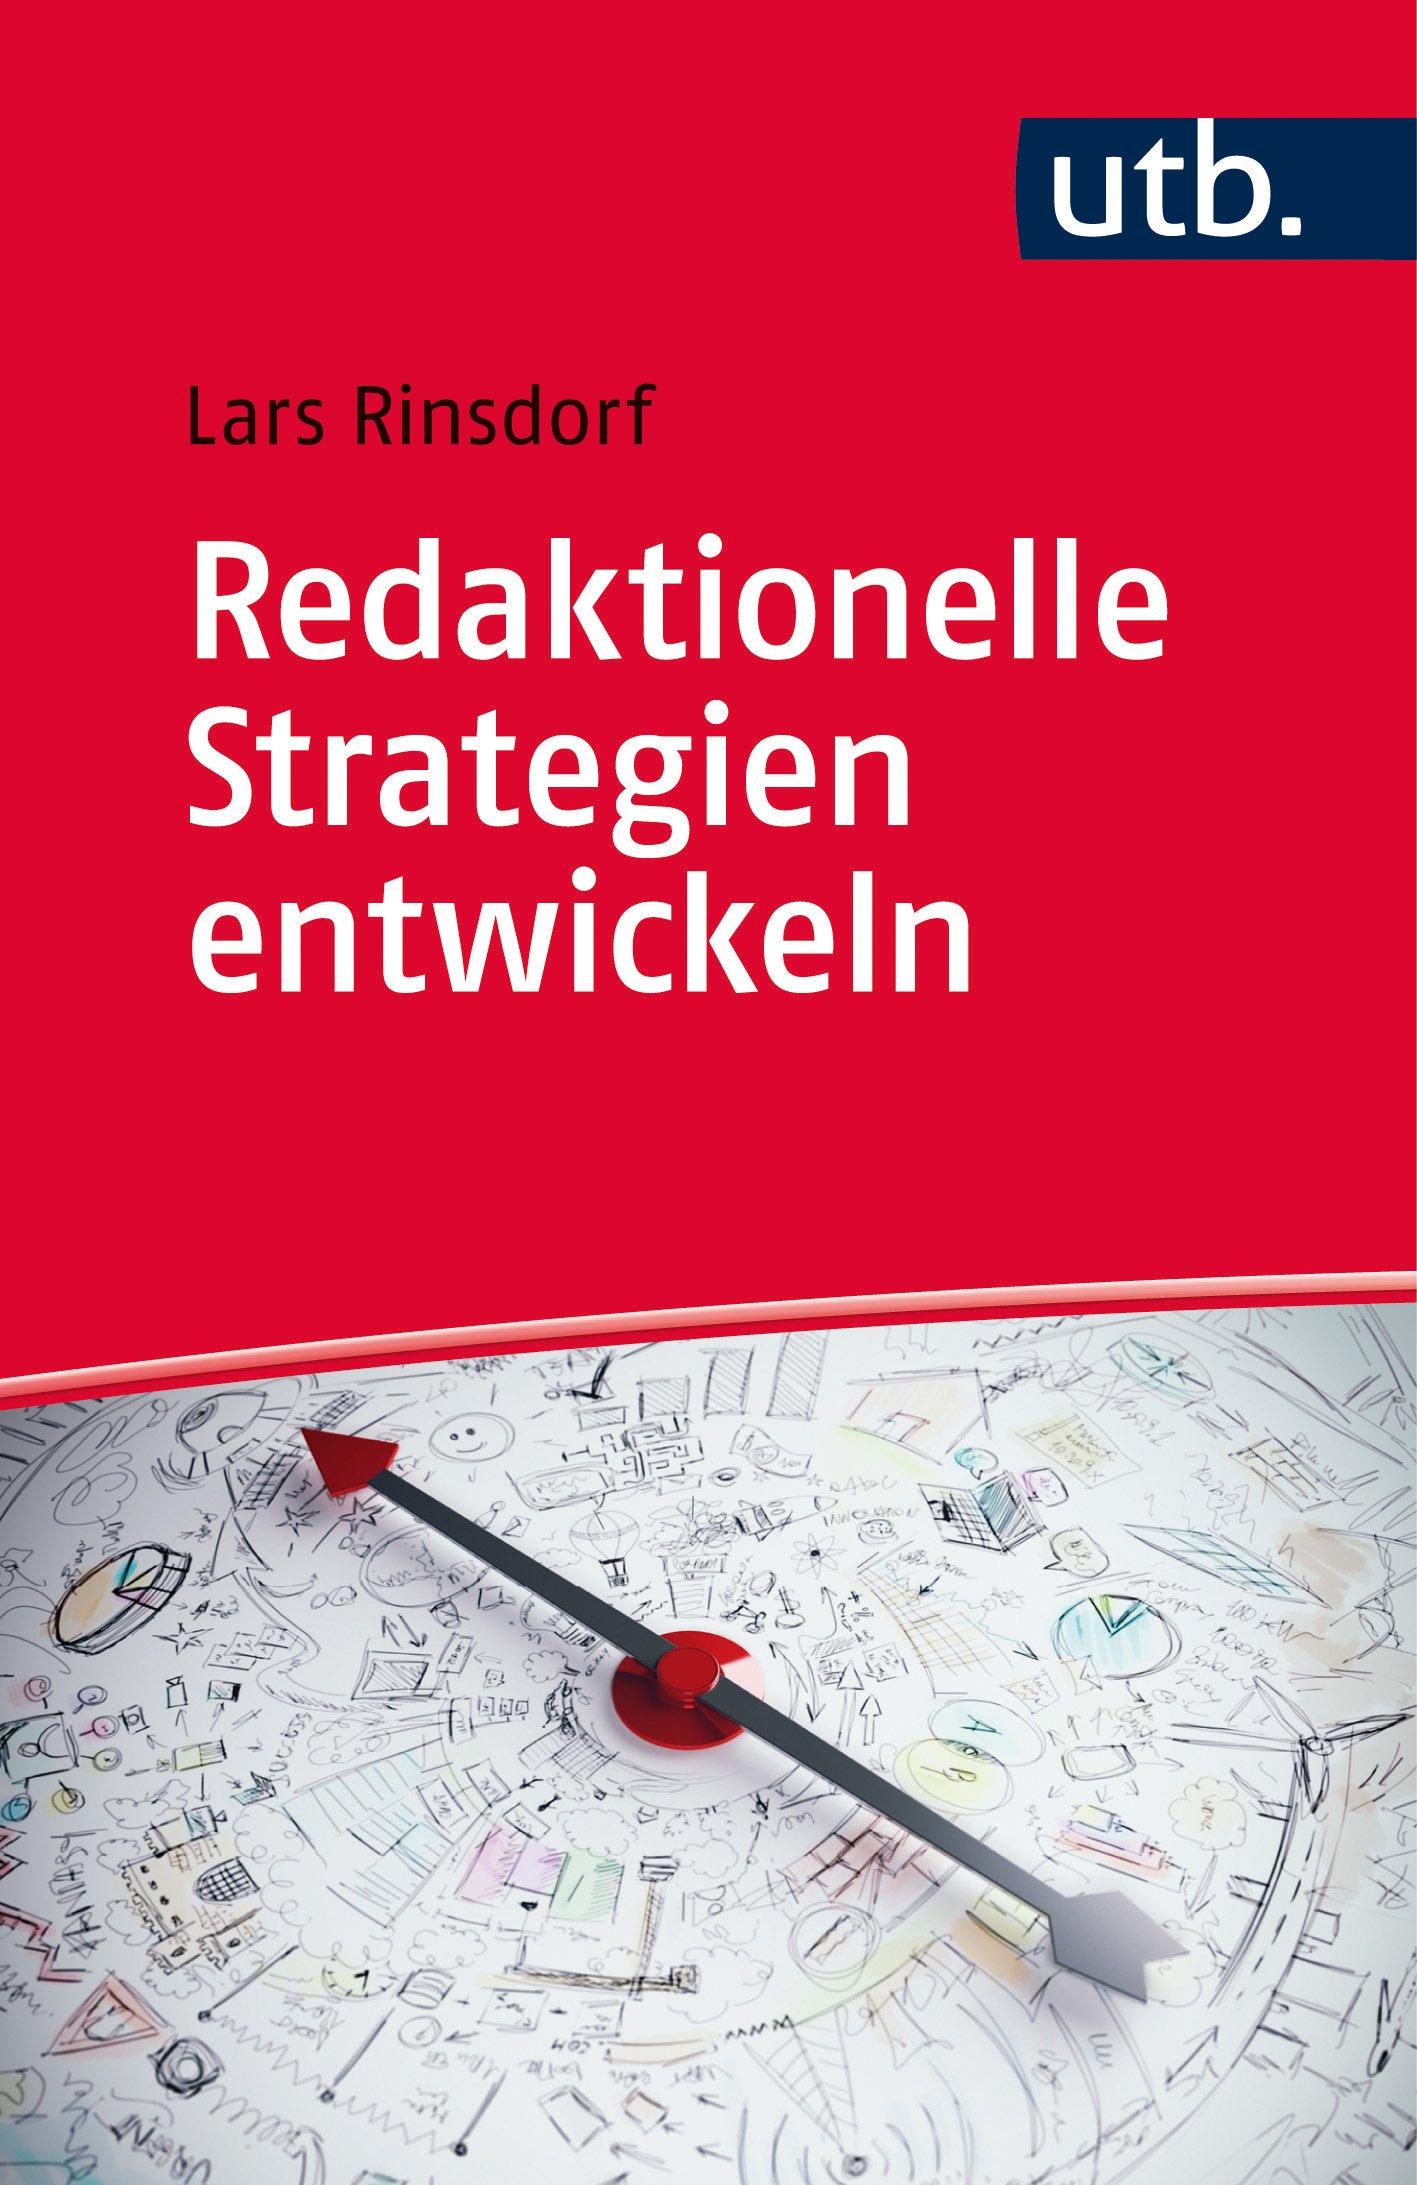 Redaktionelle Strategien entwickeln: Analyse – Geschäftsmodelle – Konzeption